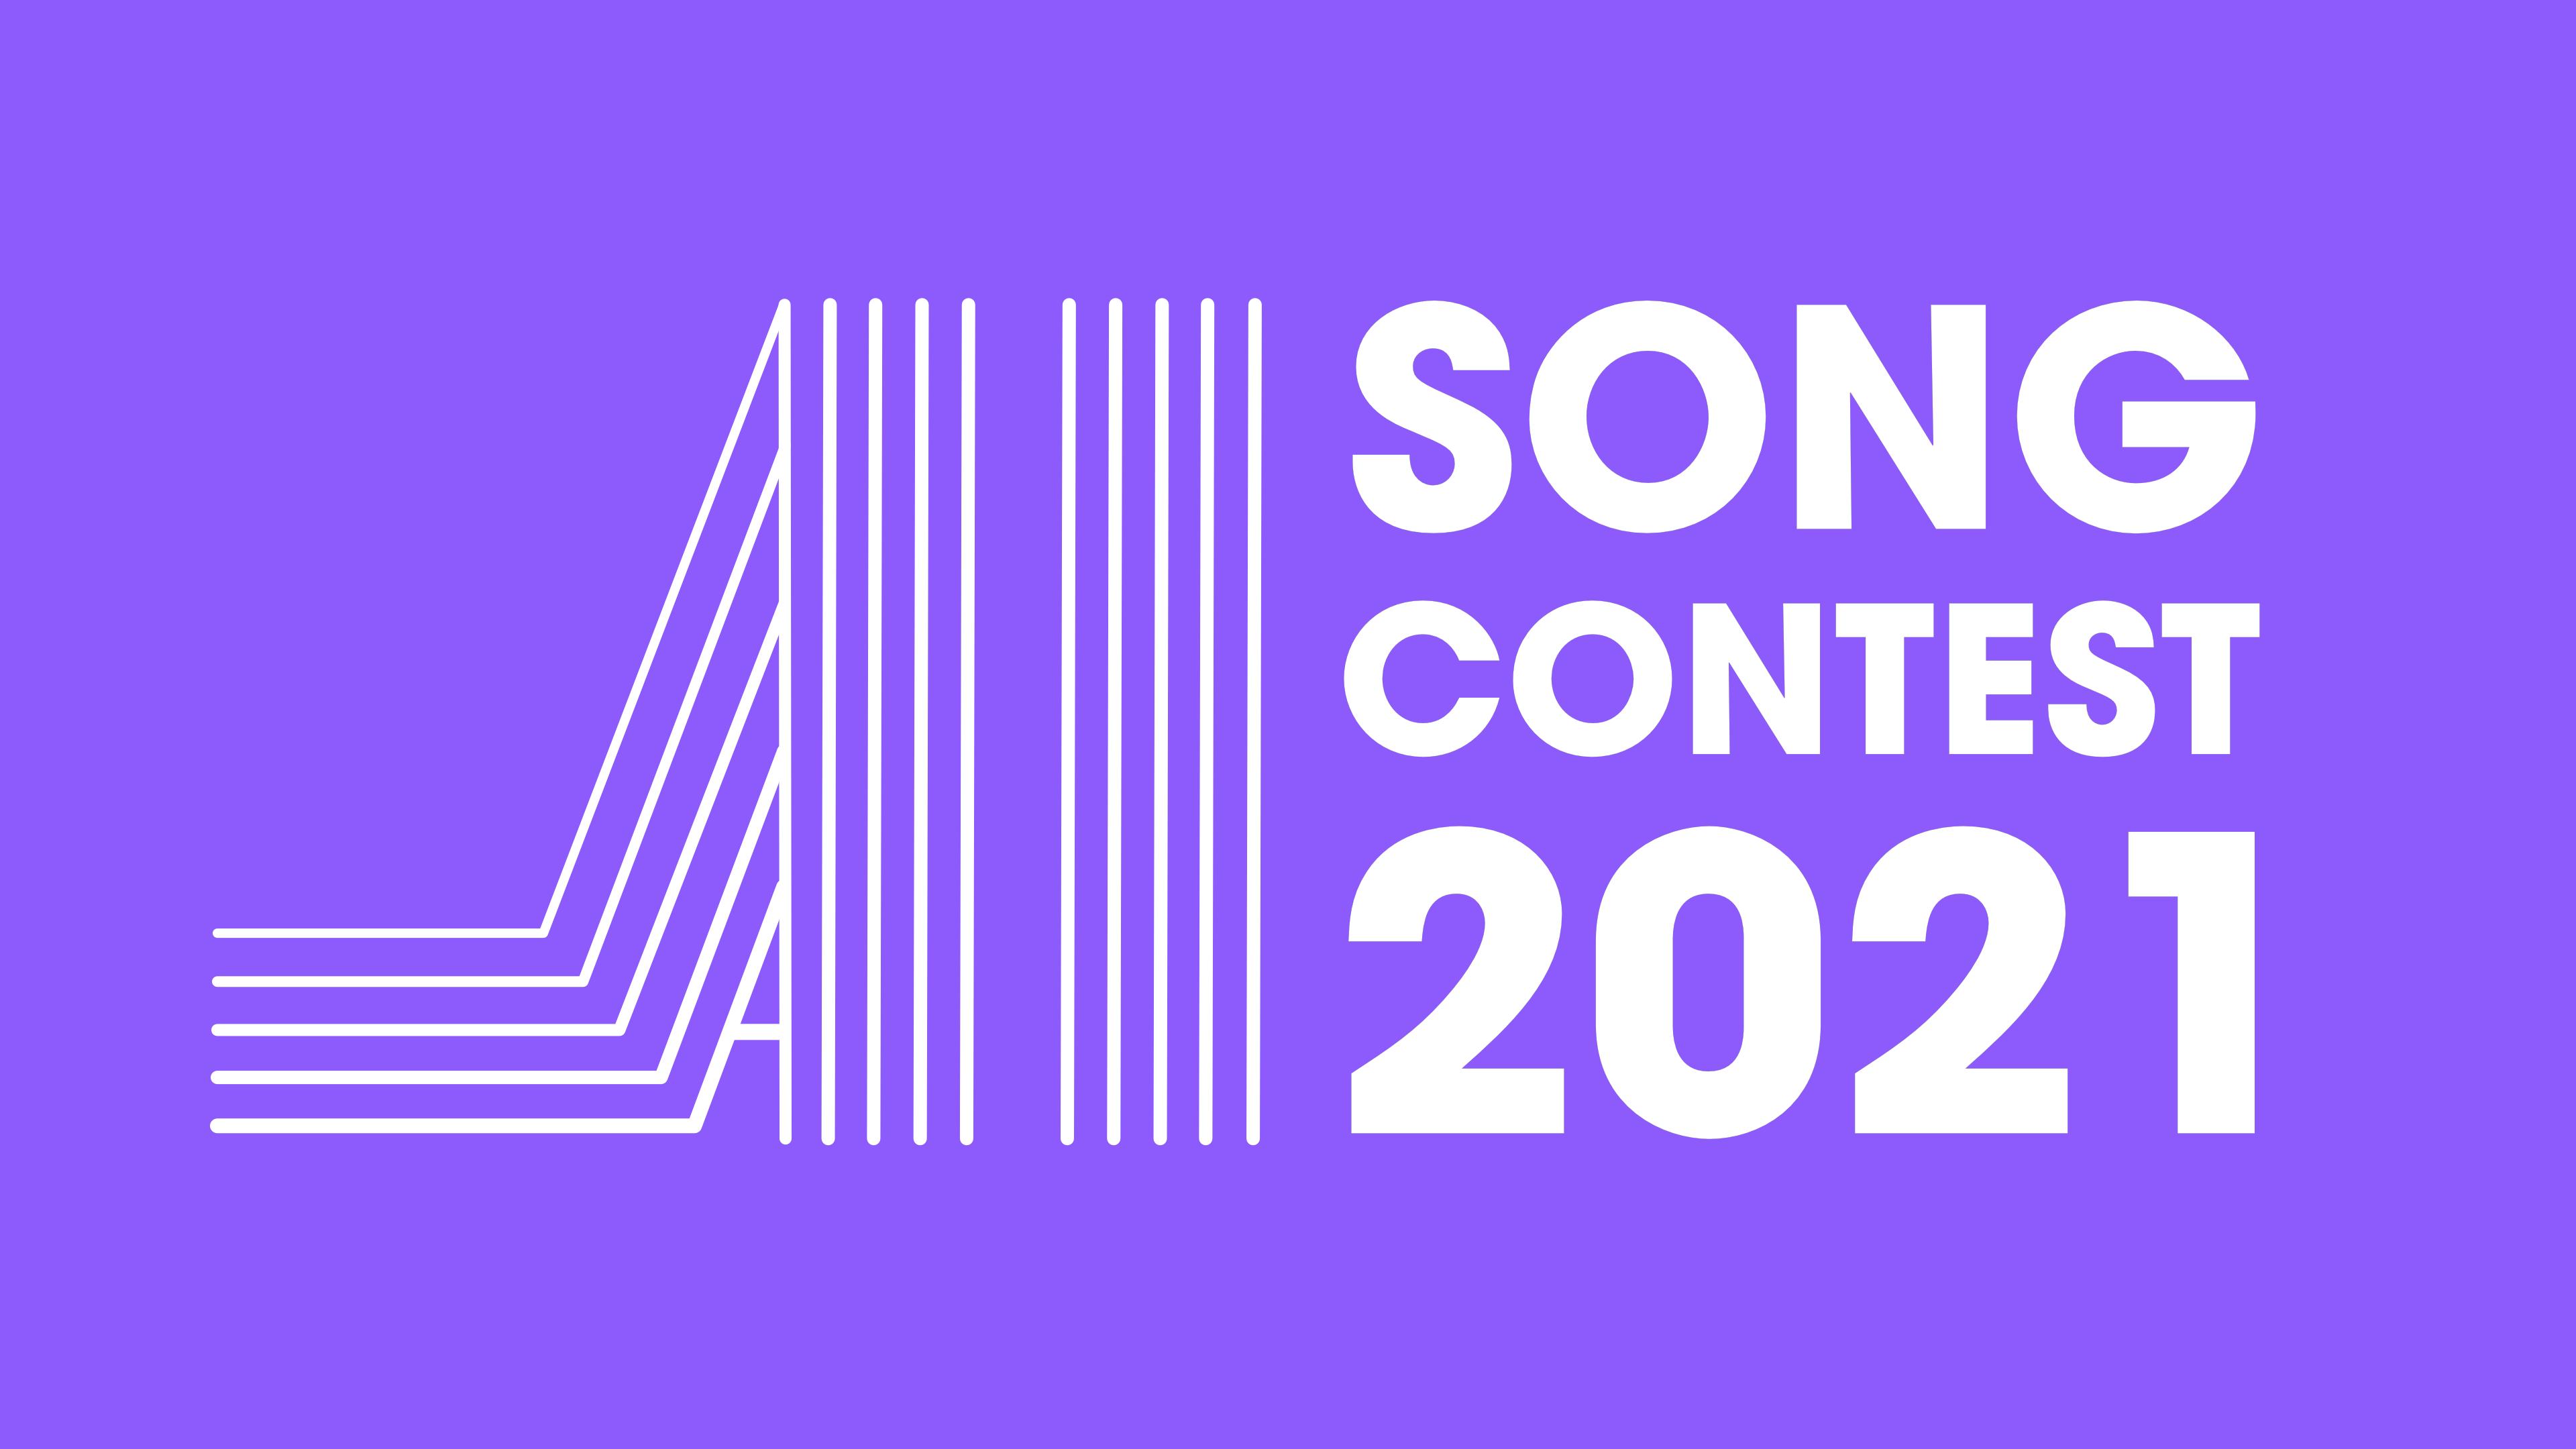 AI song contest logo